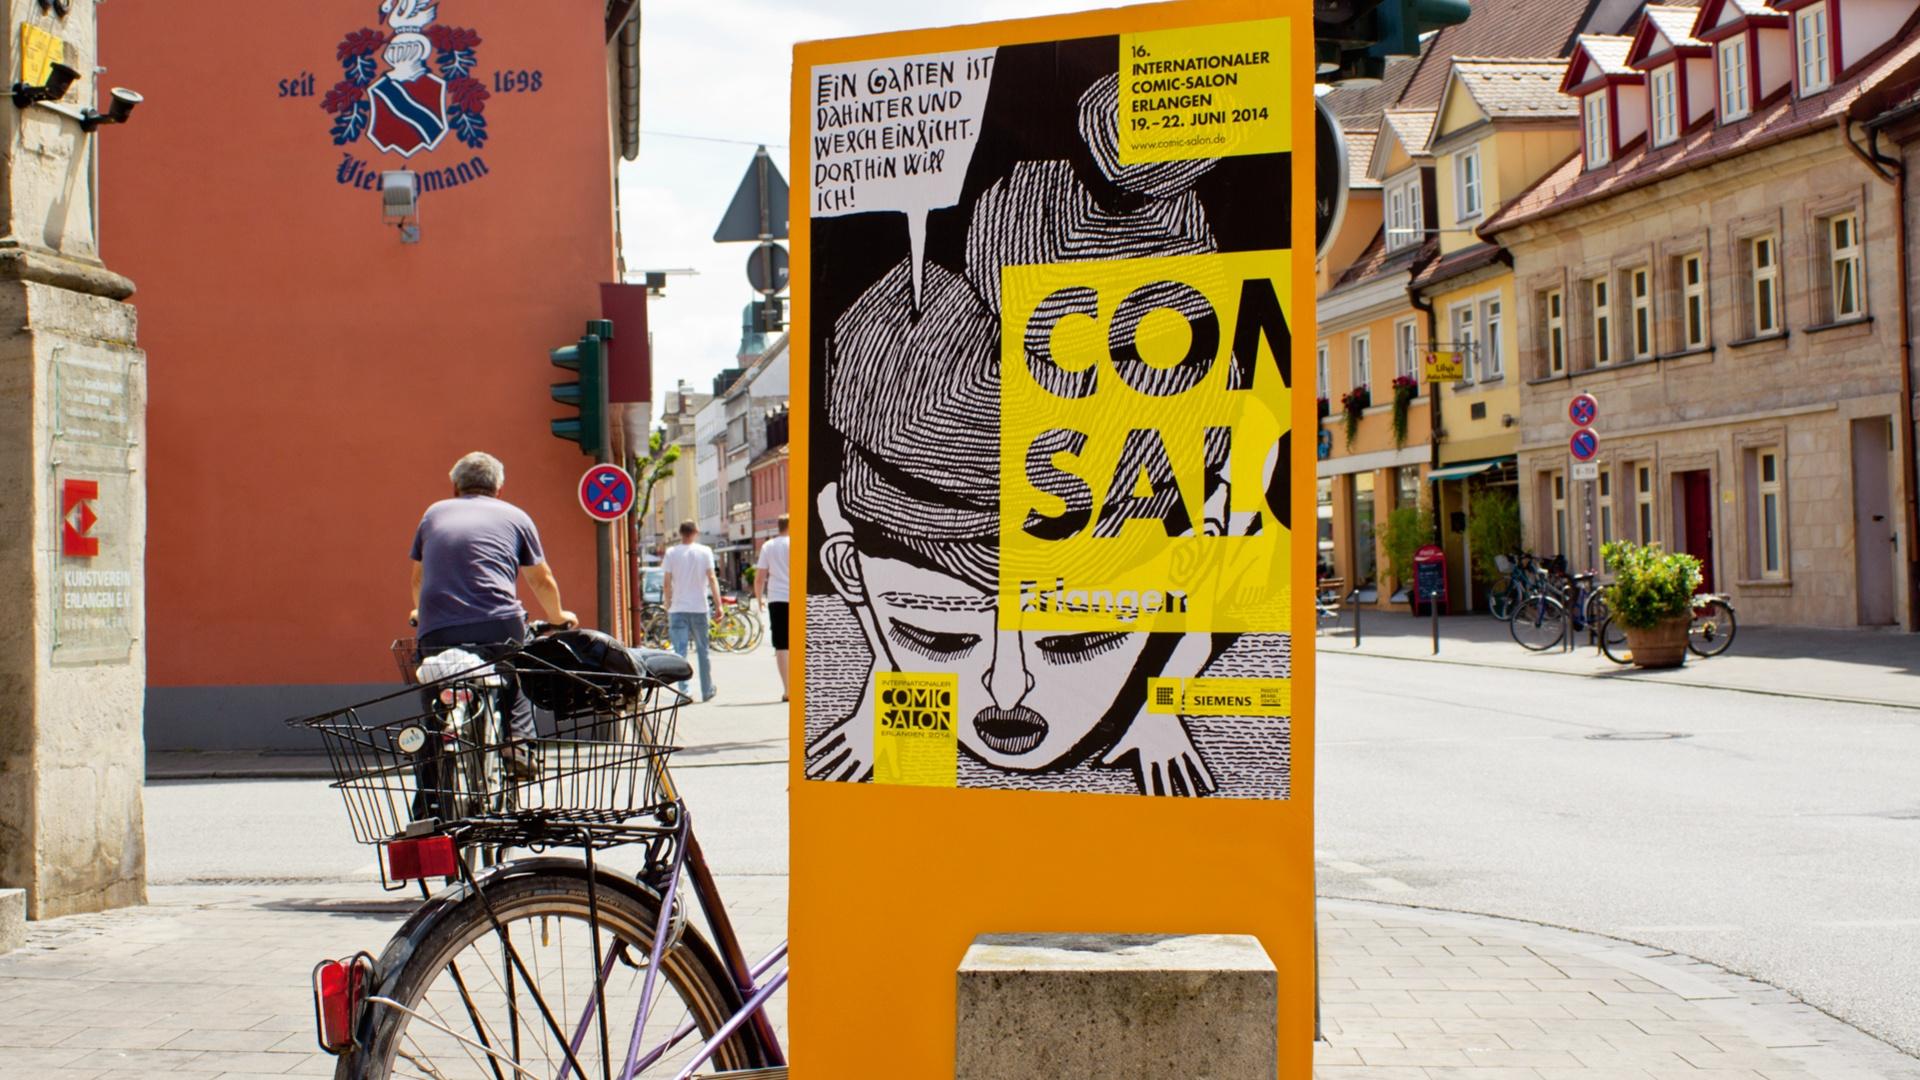 Erscheinungsbild Raum Comic-Salon Erlangen